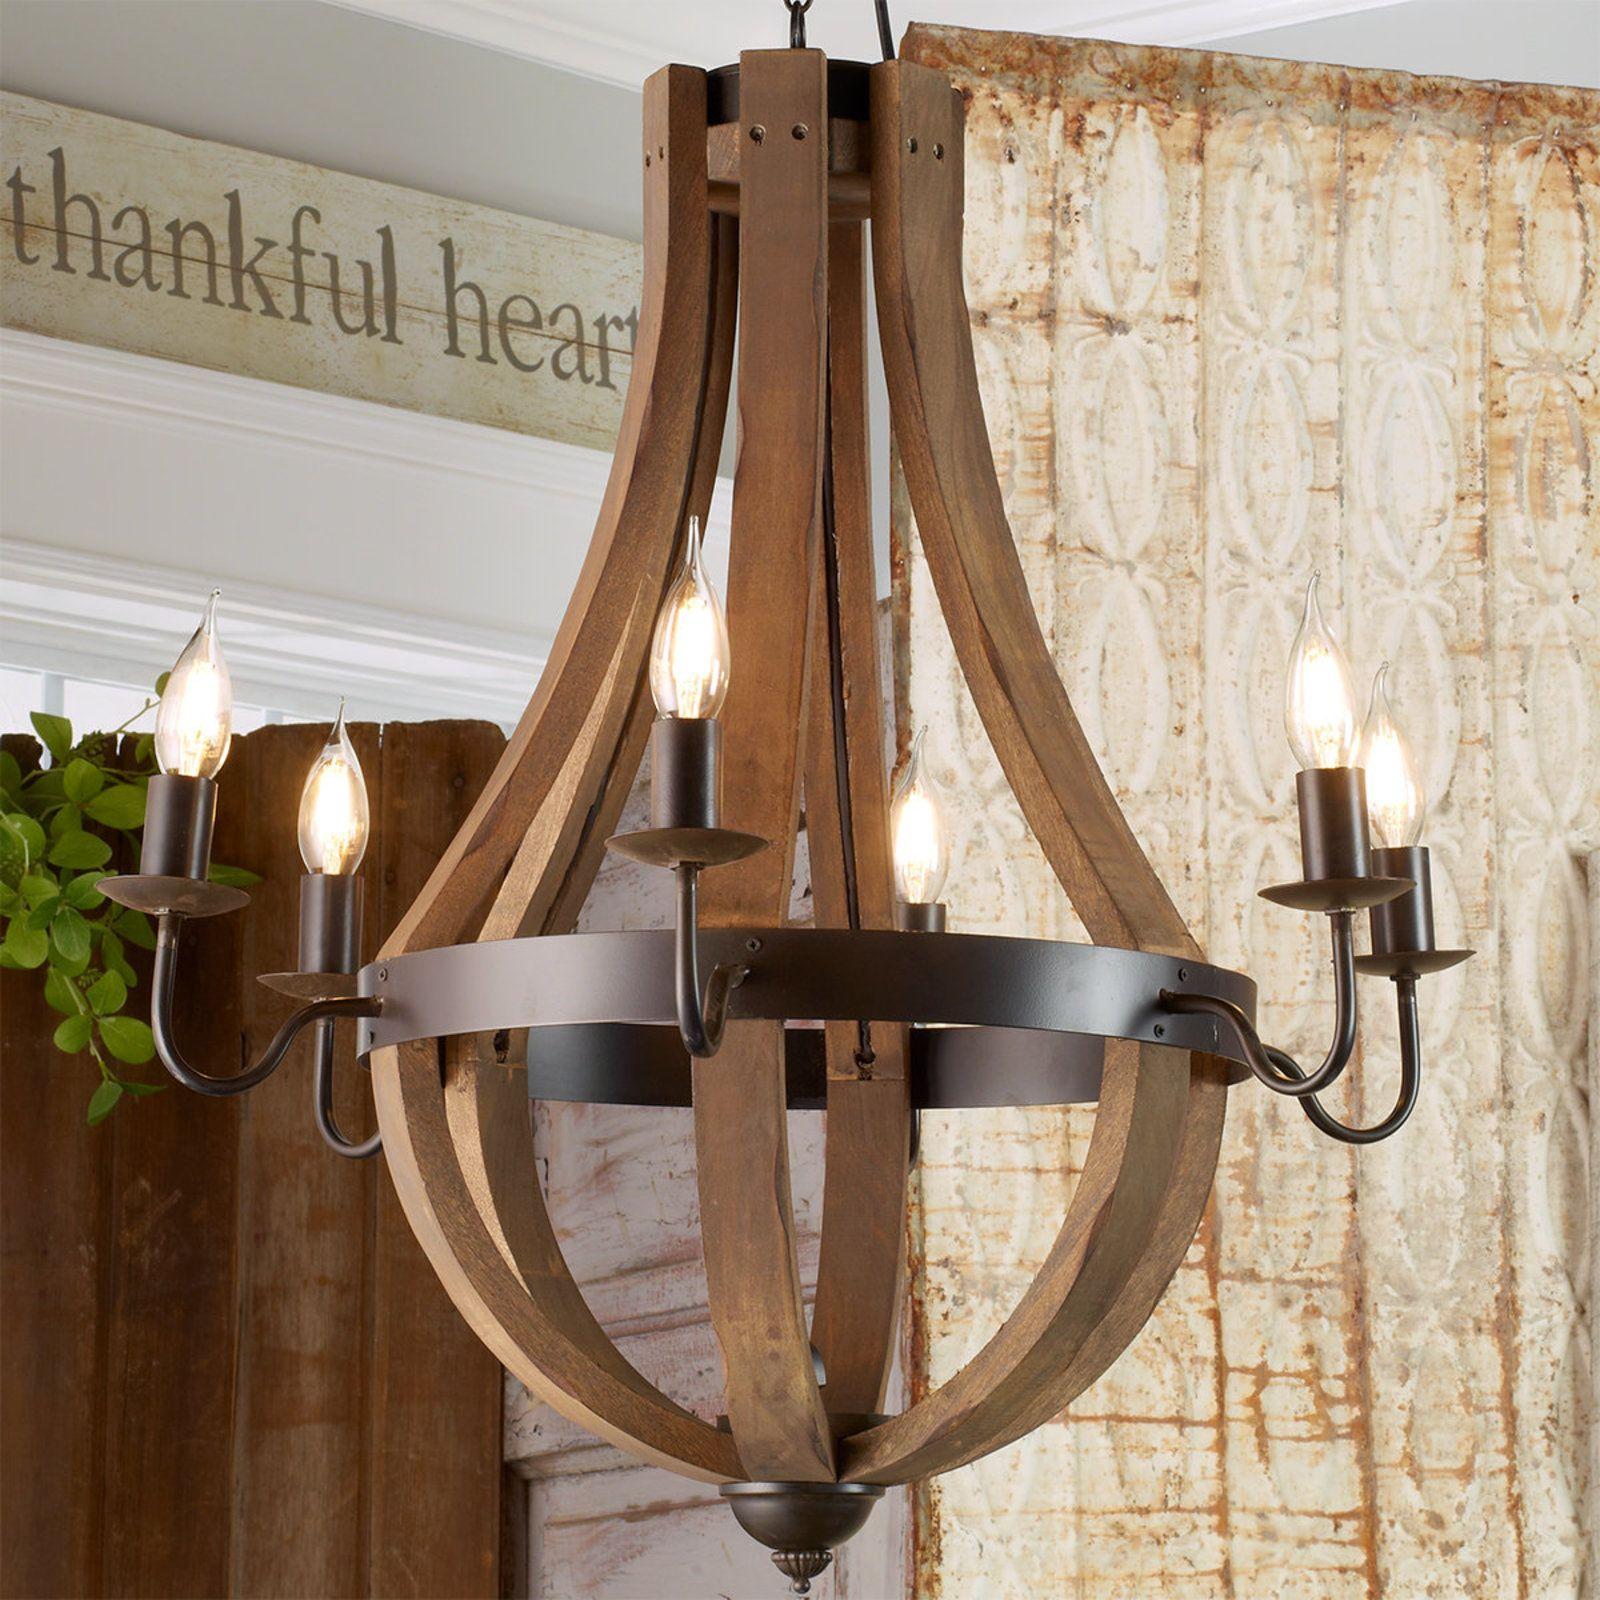 Wooden wine barrel stave chandelier dark stains barrels and wooden wine barrel stave chandelier arubaitofo Choice Image